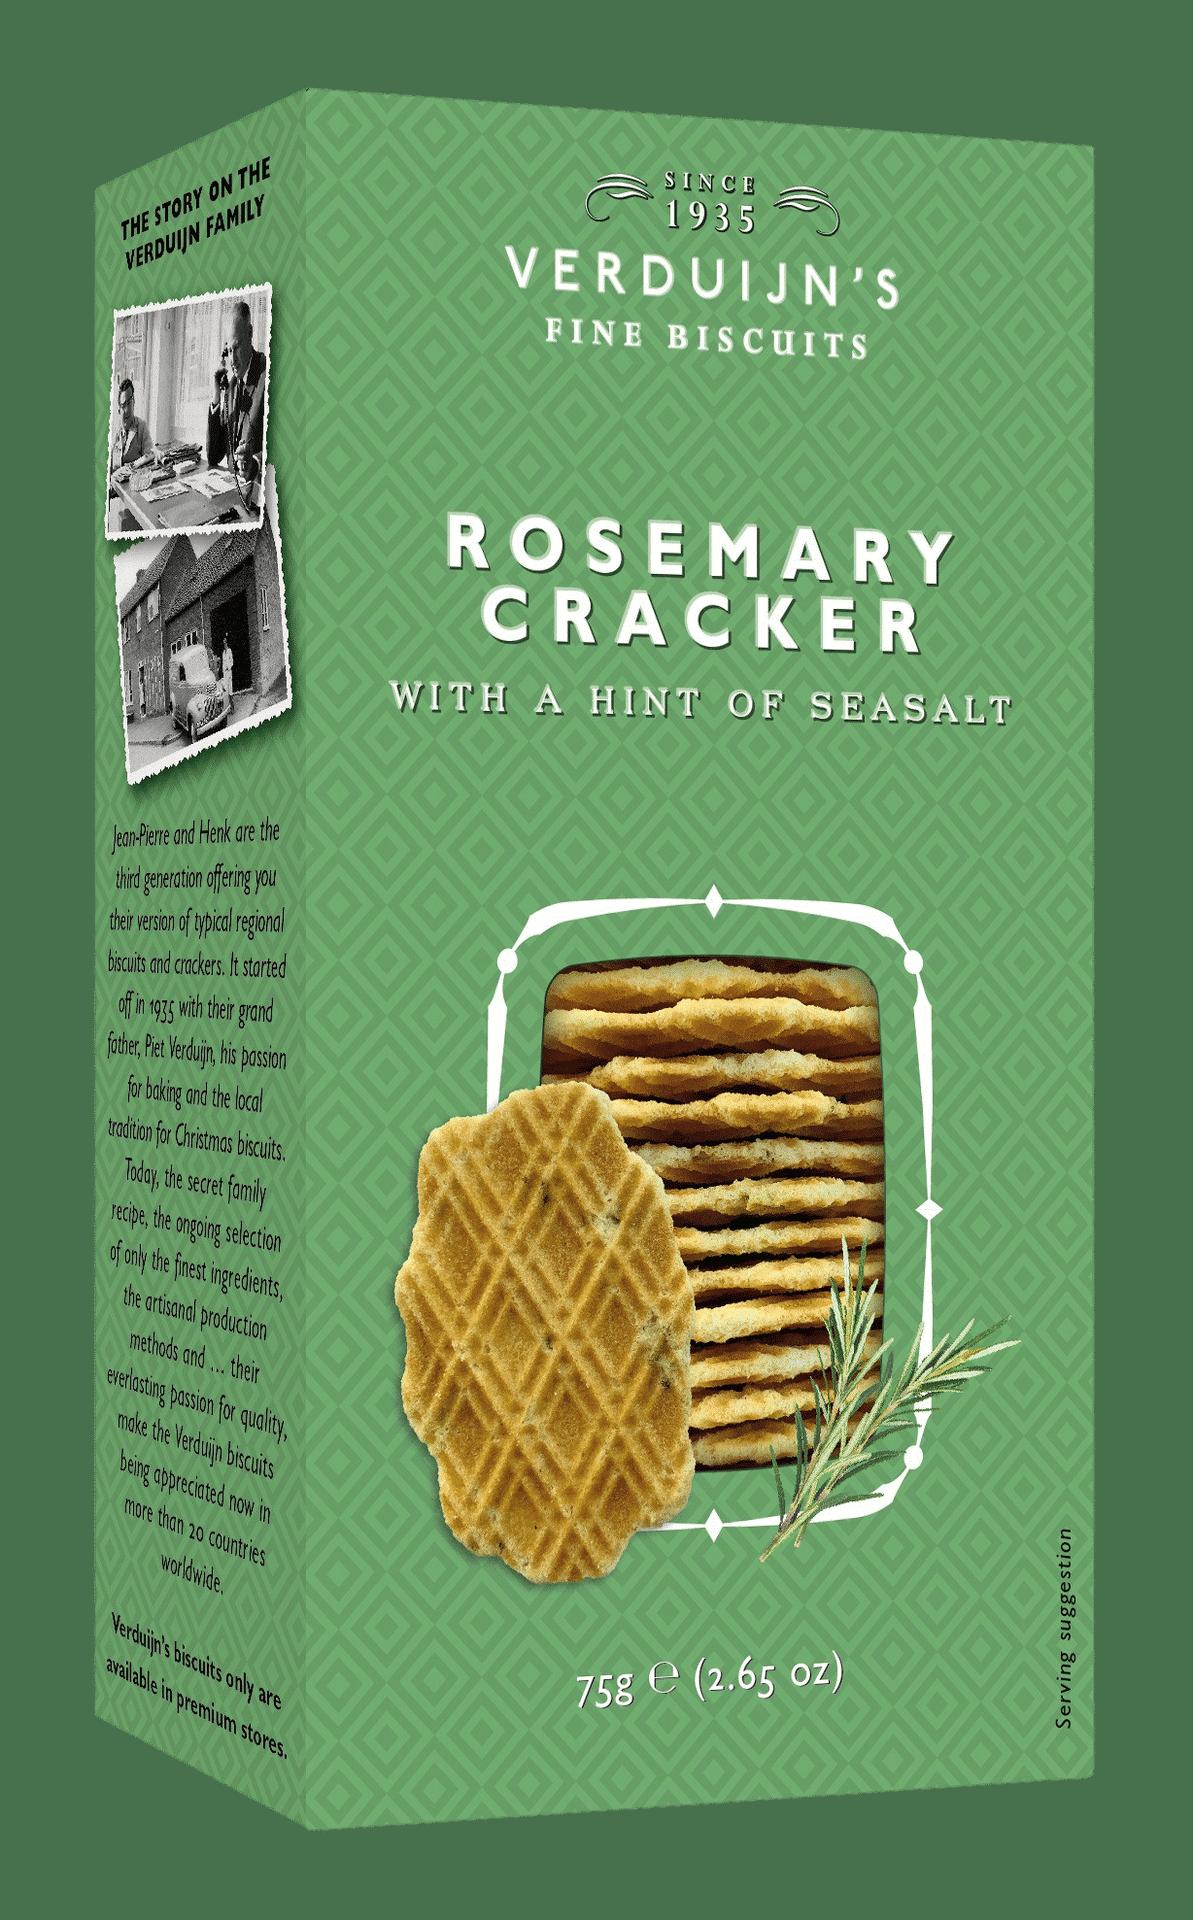 VERDUIJN'S - Rosemary & Seasalt Crackers - Holländische Waffeln mit Rosmarin und Meersalz